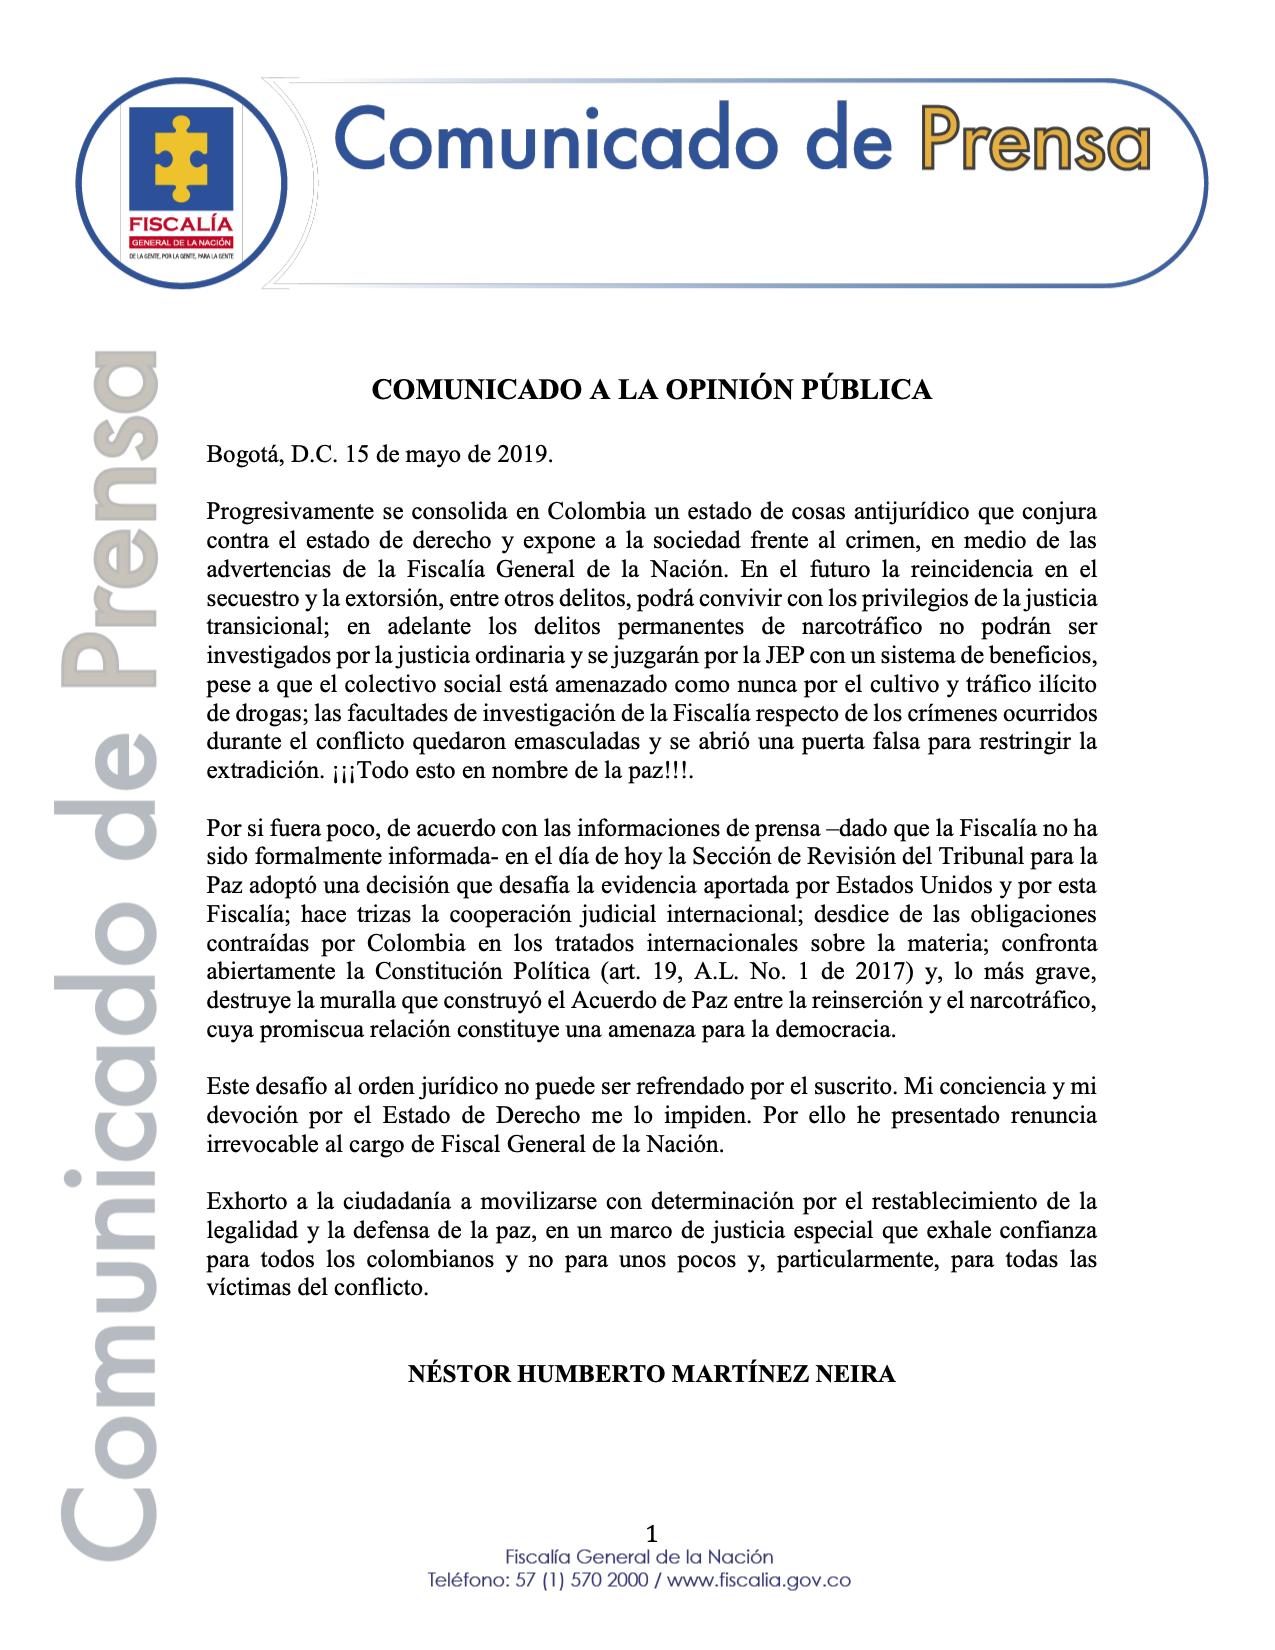 El Fiscal Néstor Humberto Martínez Neira renunció a su cargo reiterando que los montajes contra la paz correspondían a la DEA y a la cooperación judicial con ese país, lo que es falso.